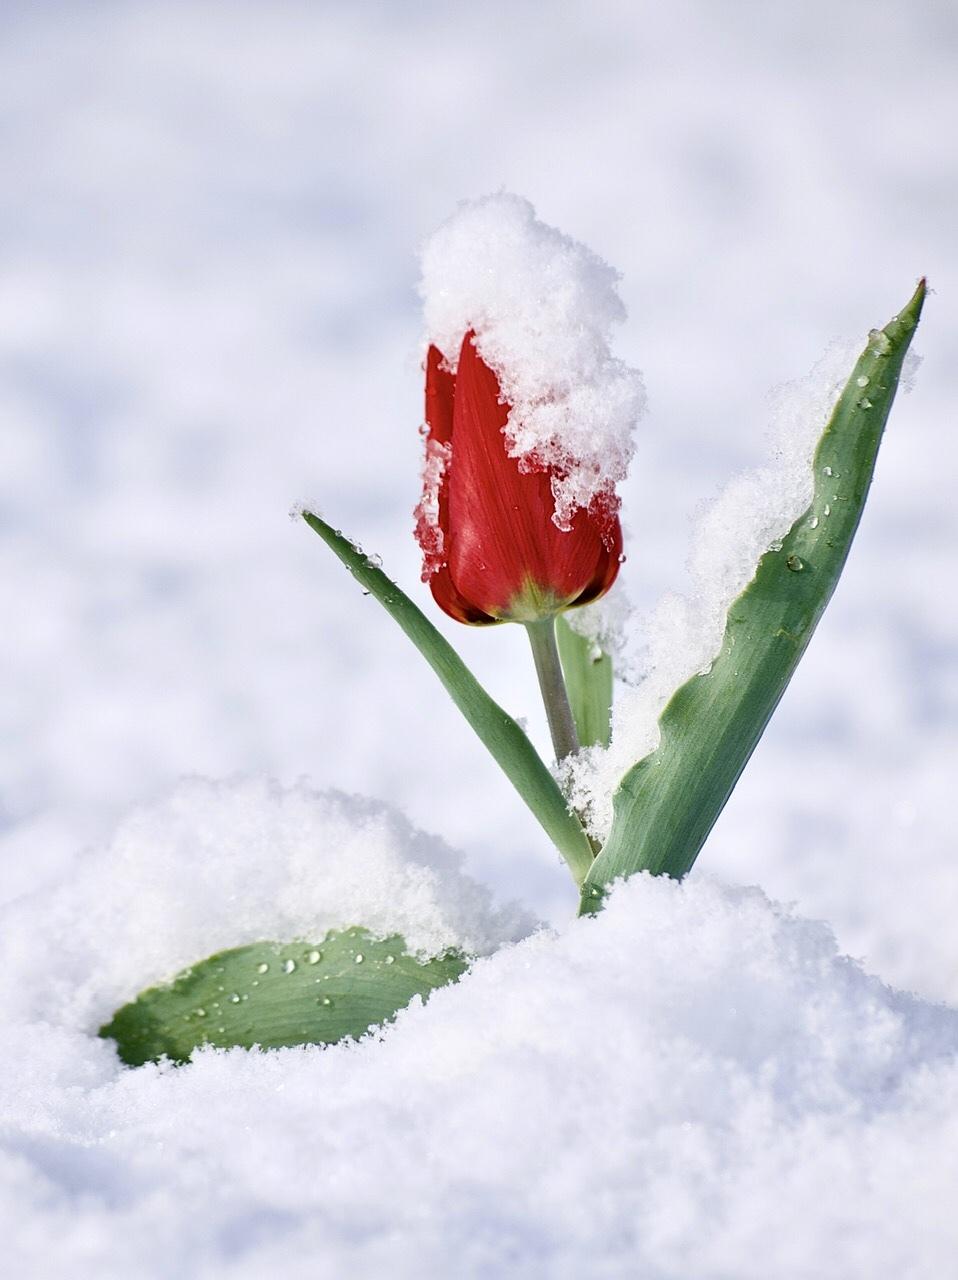 Aprilse grillen... - Deze foto heb ik gemaakt dinsdag in de voormiddag. Het was al een tijdje aan een sneeuwen en plots kwam, maar heel eventjes, de zon erdoor,  - foto door paulcelus op 10-04-2021 - locatie: Hasselt, België - deze foto bevat: natuur, tulp, sneeuw, lente, rood, groen, tuin, bloem, sneeuw, fabriek, bloem, bloemblaadje, takje, winter, natuurlijk landschap, bloeiende plant, bevriezing, terrestrische plant